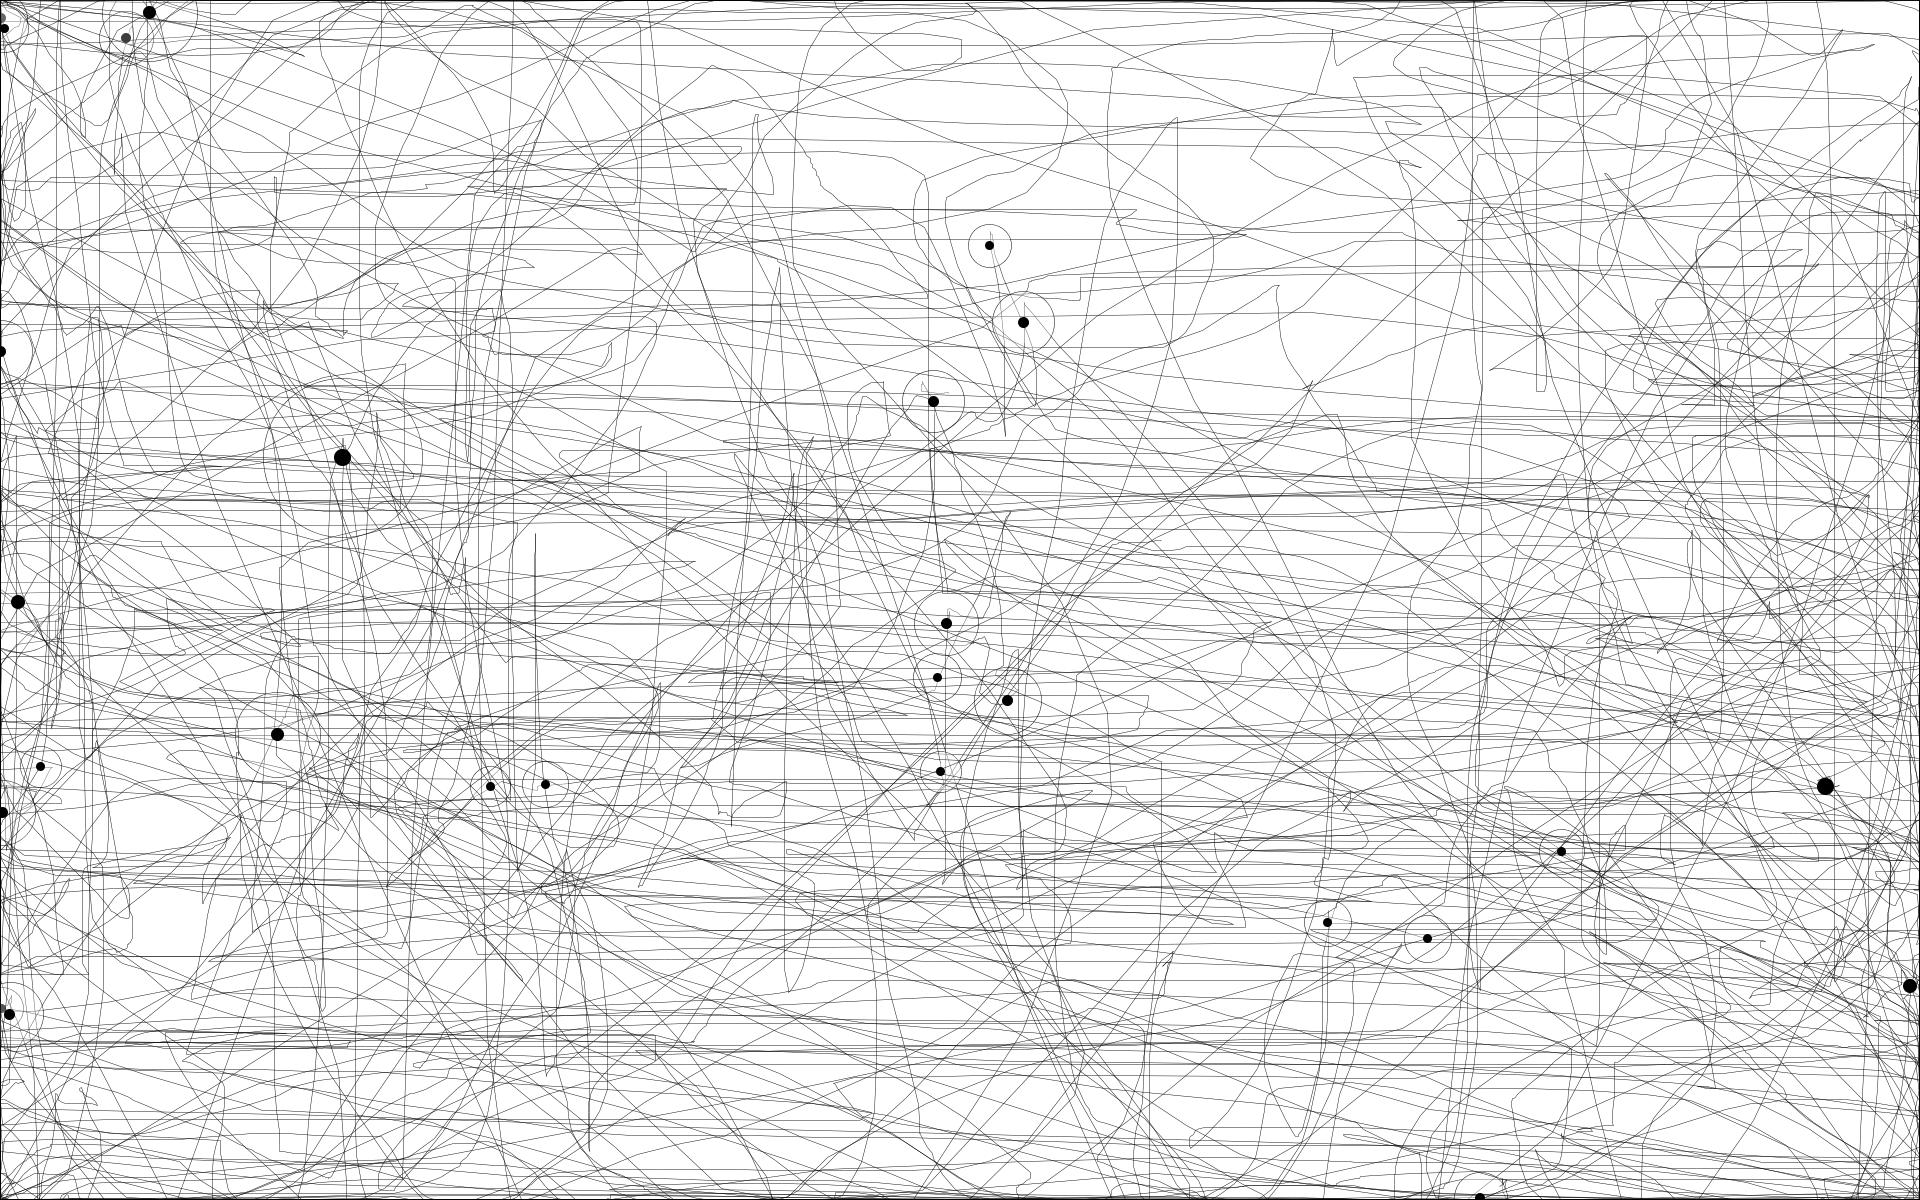 18 min de jeu sur Dishonored : on remarque les longues lignes horizontales lorsque le joueur se déplace et regarde autour de lui ainsi que quelques lignes verticales lorsque le joueur doit regarder en hauteur pour atteindre des plateformes.